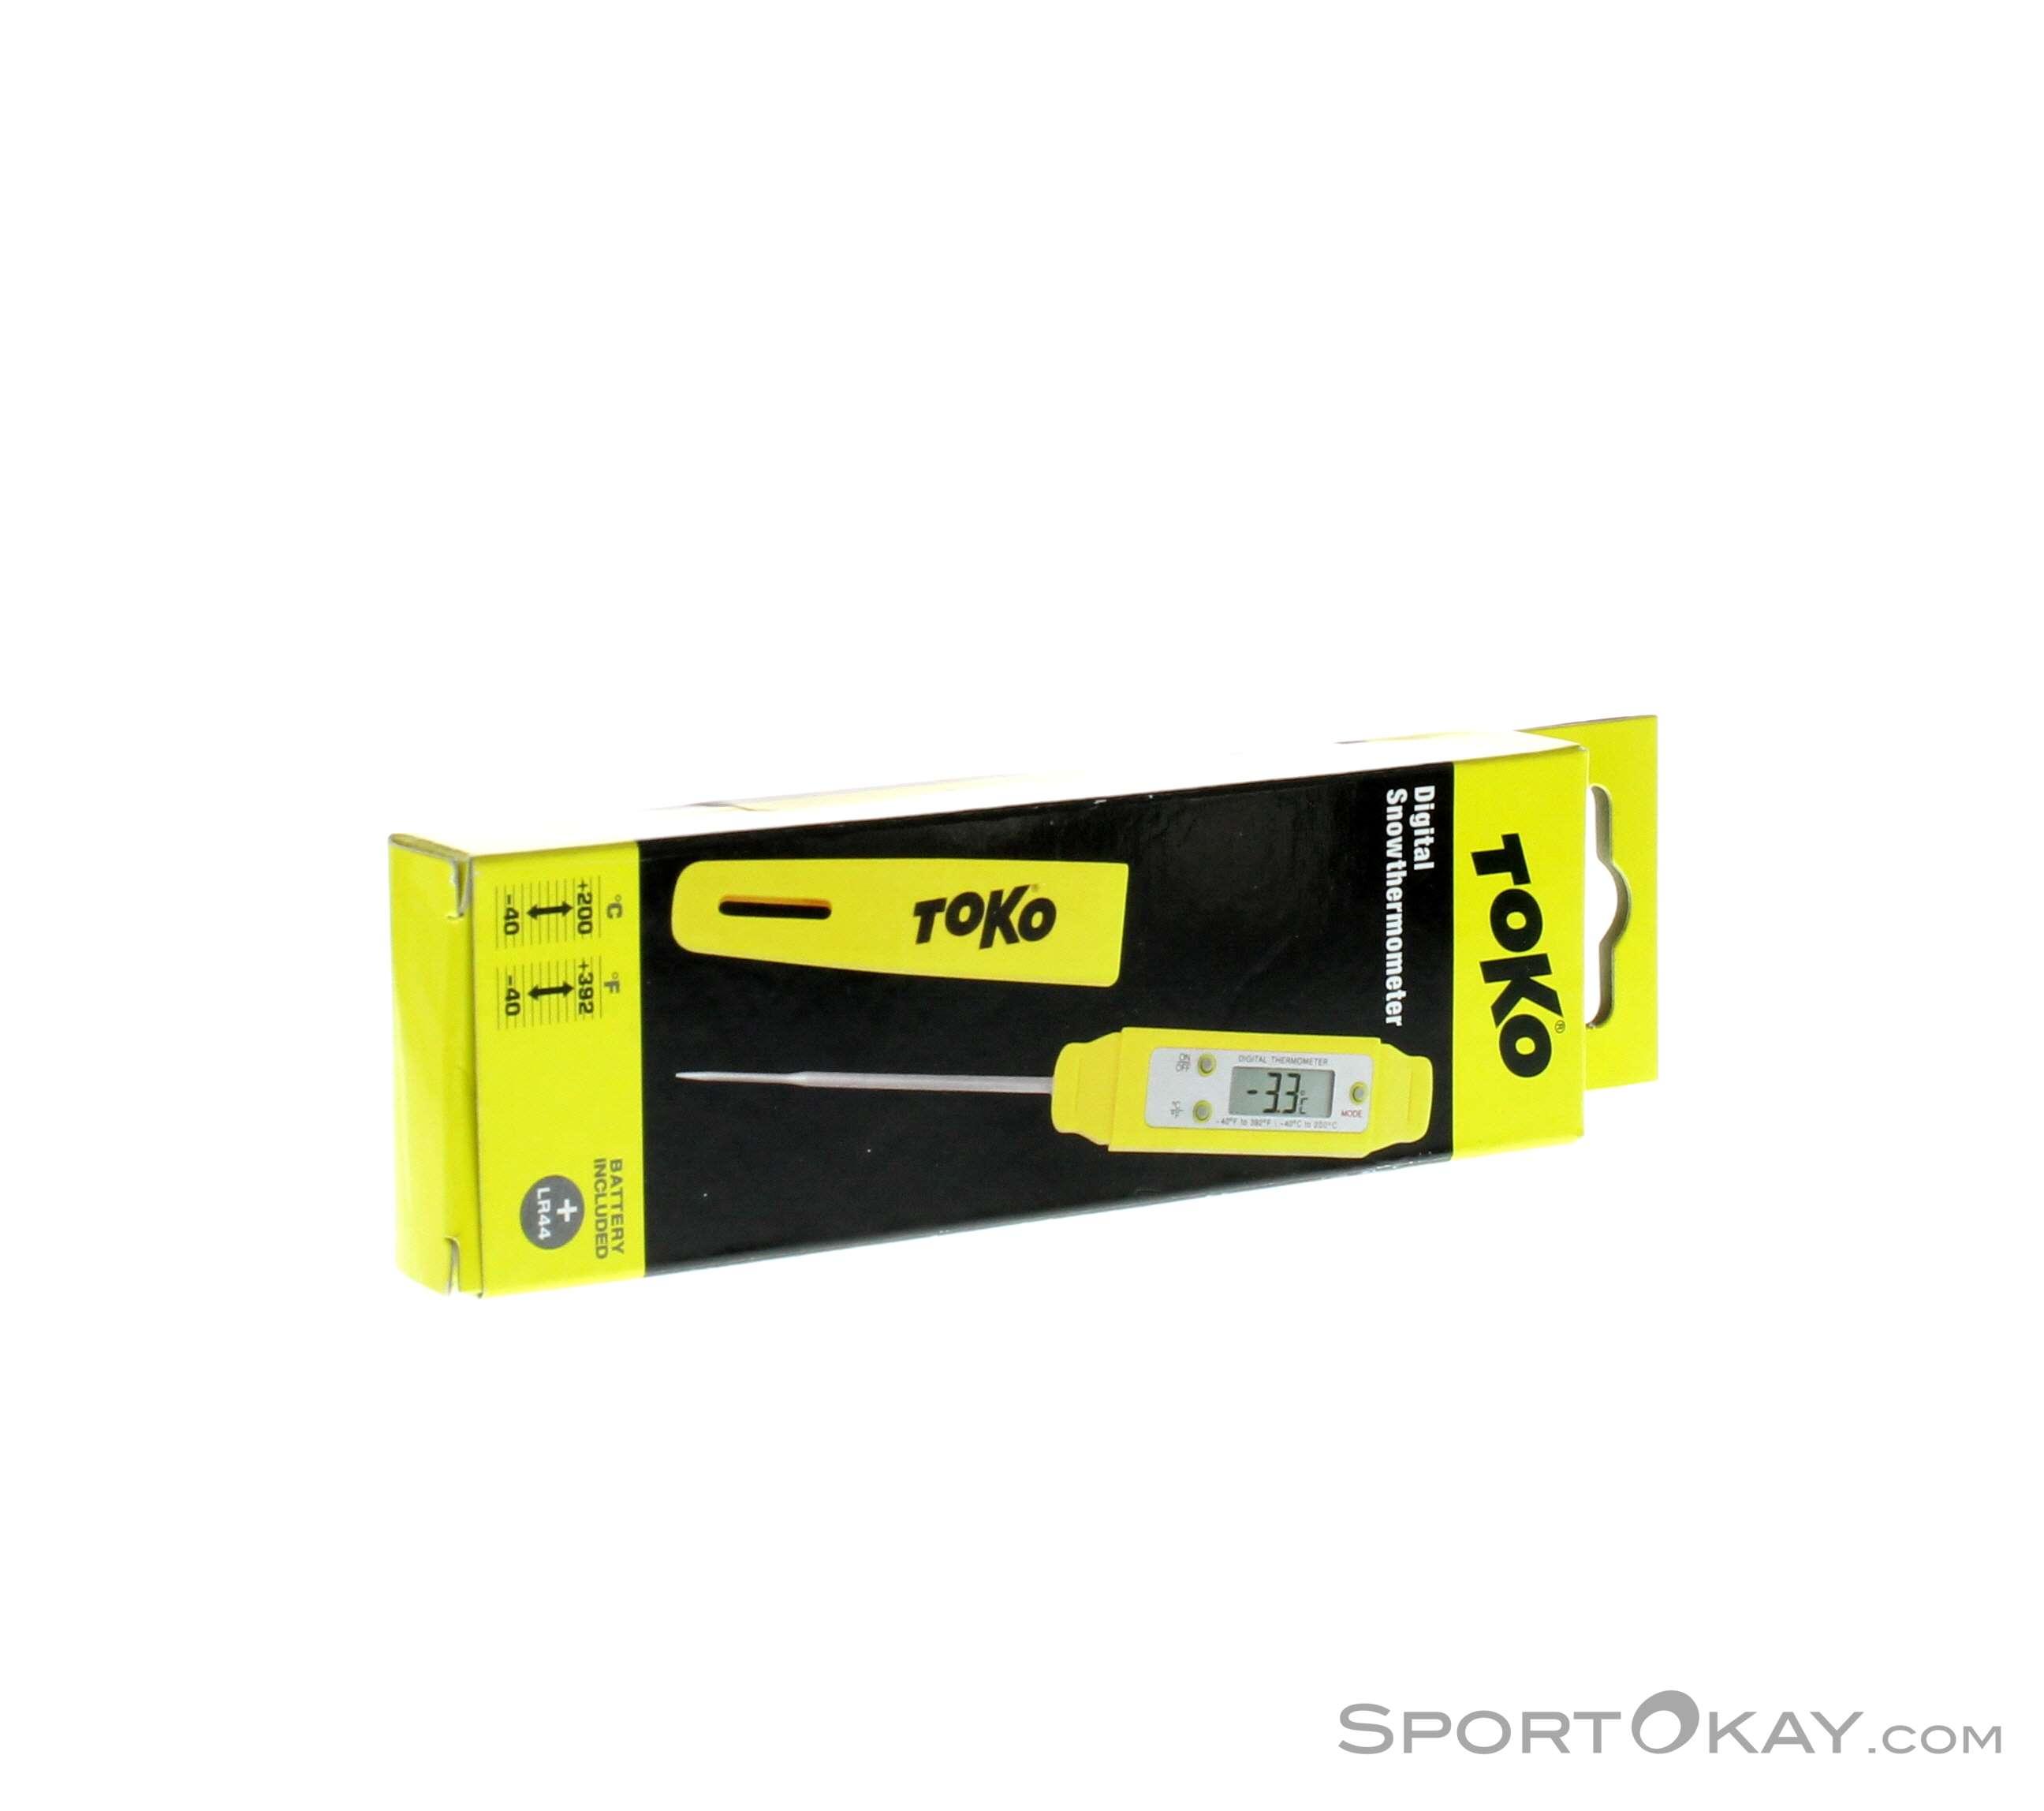 Toko Digital Schneethermometer-Gelb-One Size